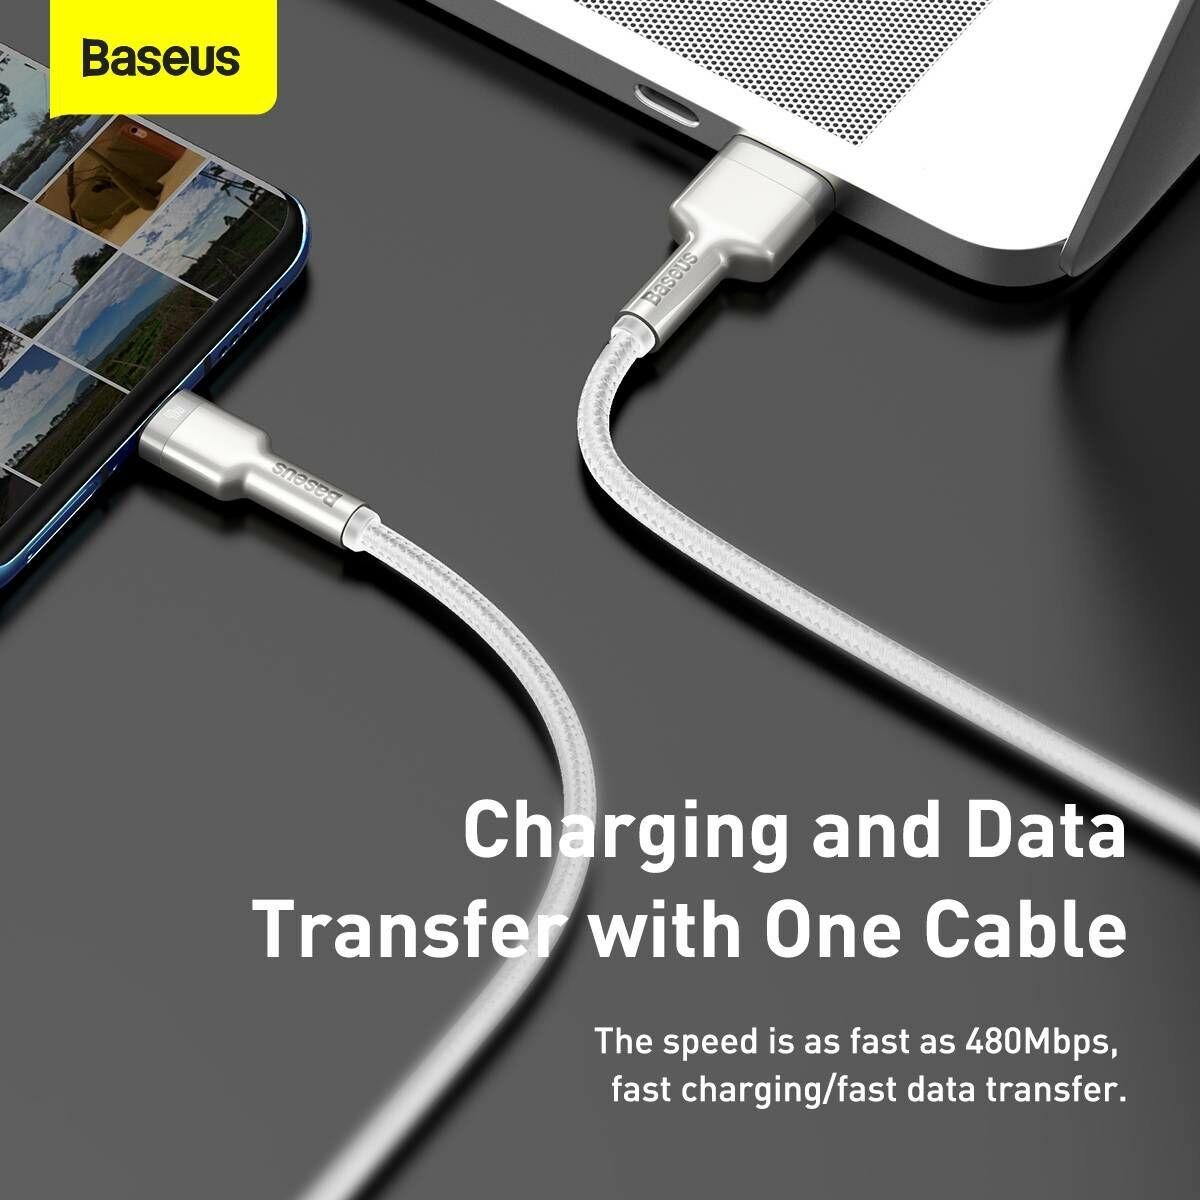 Baseus Type-C kábel, Cafule Series, gyorstötlő és adatkábel, 40W, 5A, 2m, fehér (CATJK-B02)